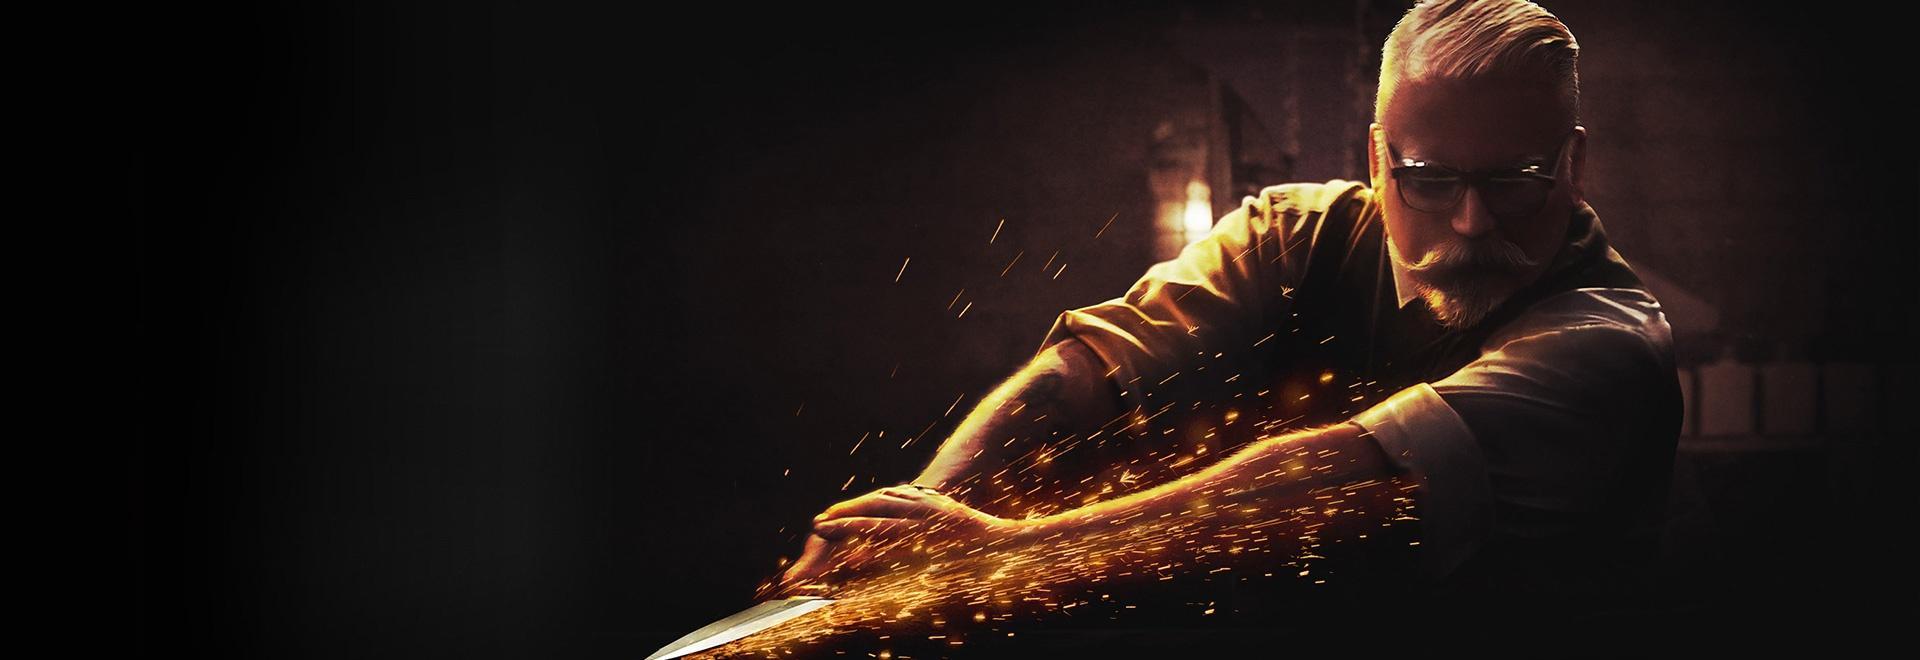 La spada di Perseo